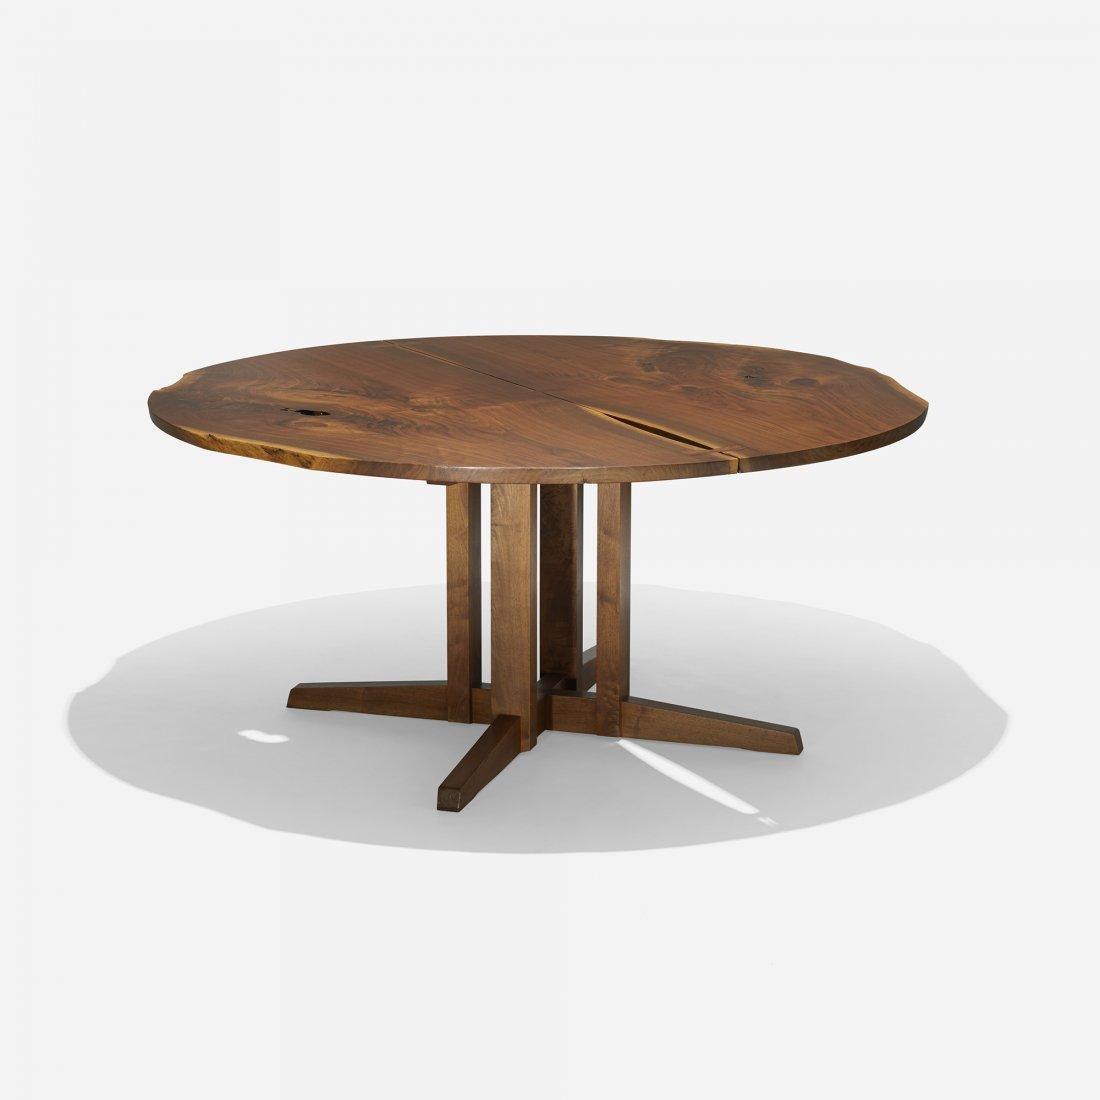 nakashima round cluster based dining table